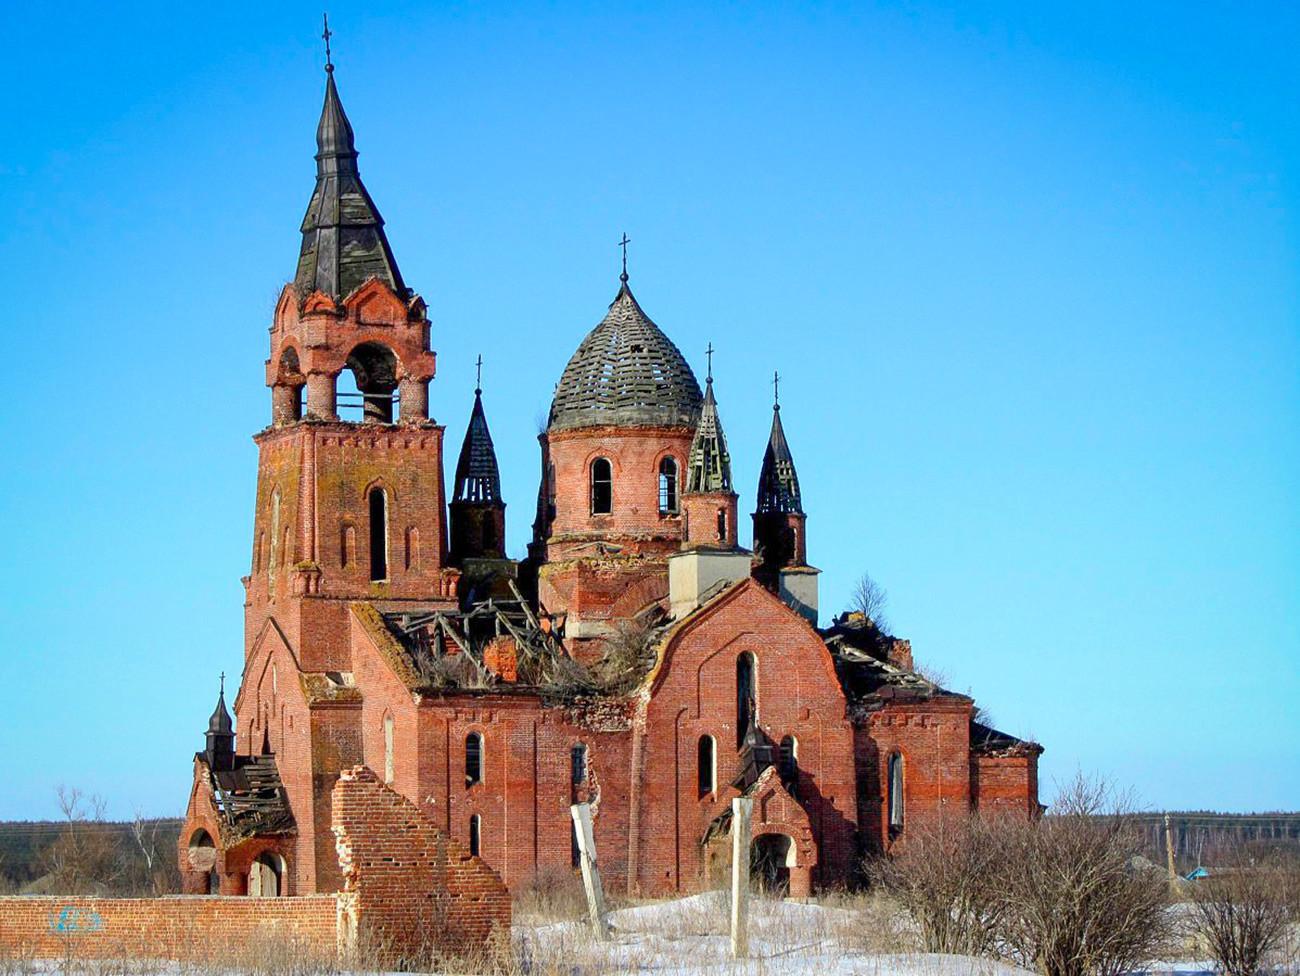 Igreja da Apresentação, Piot, Região Riazan, início do século 20